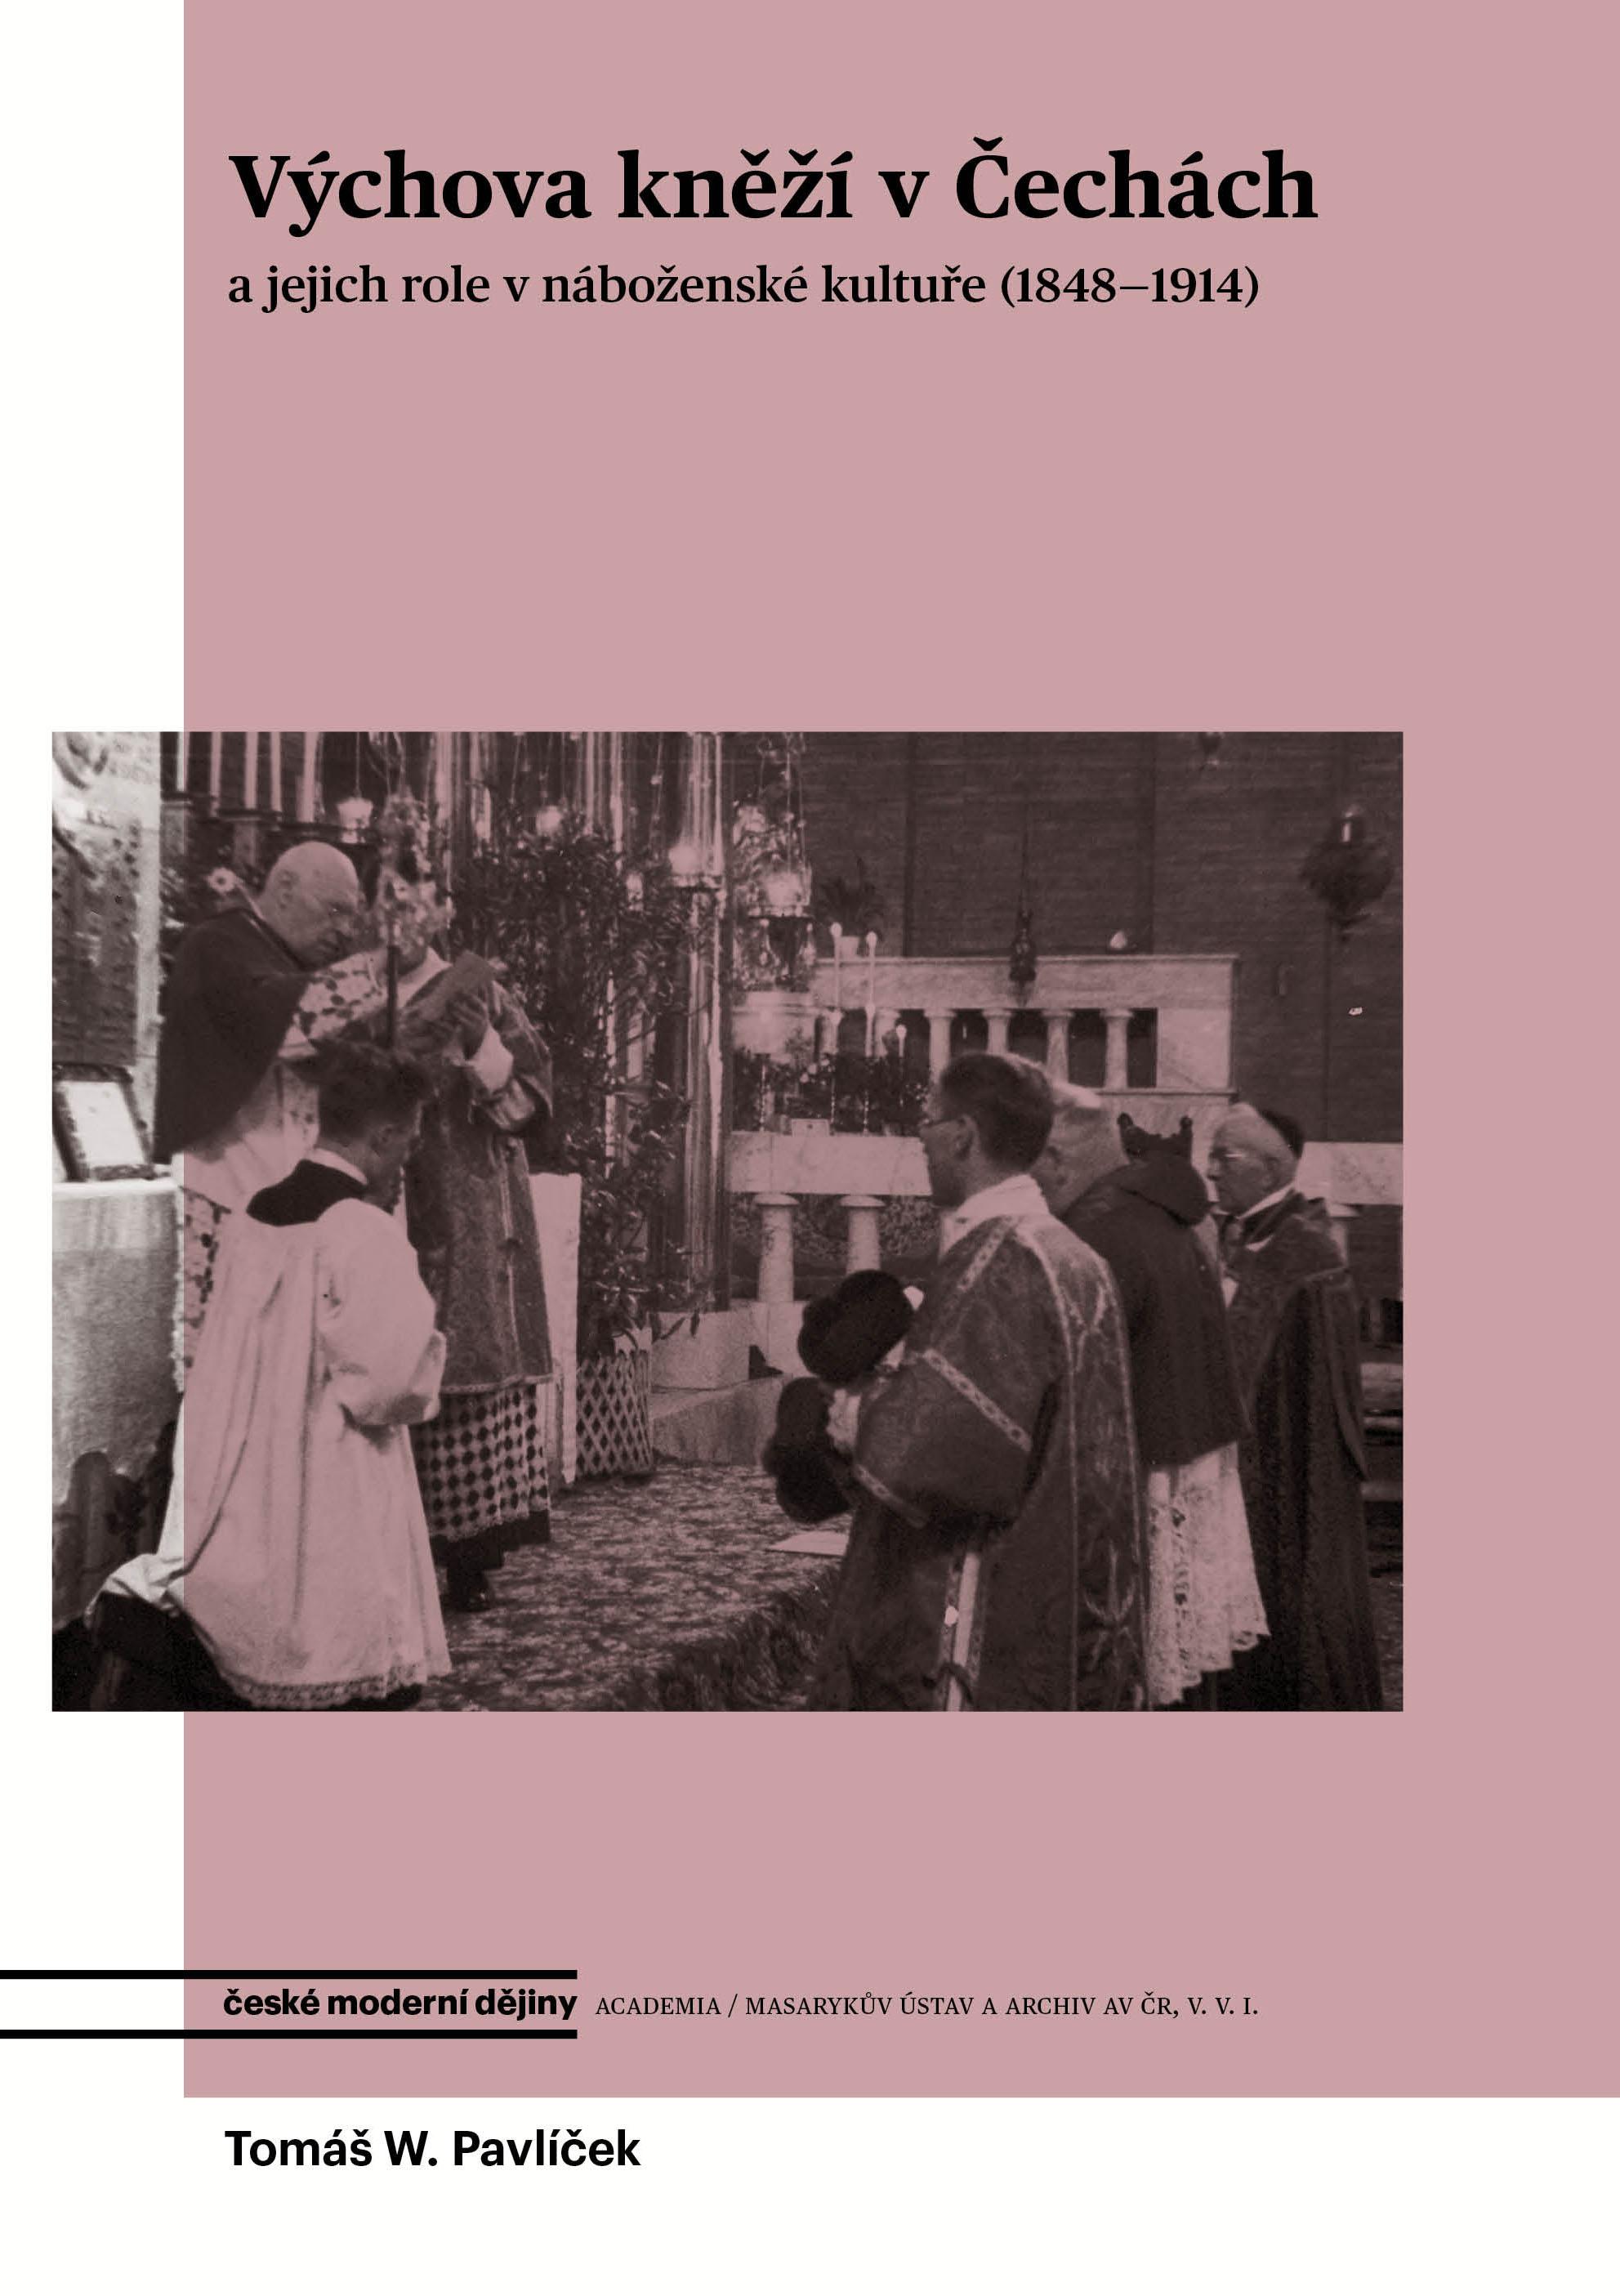 Výchova kněží v Čechách - a jejich role v náboženské kultuře (1848-1914)